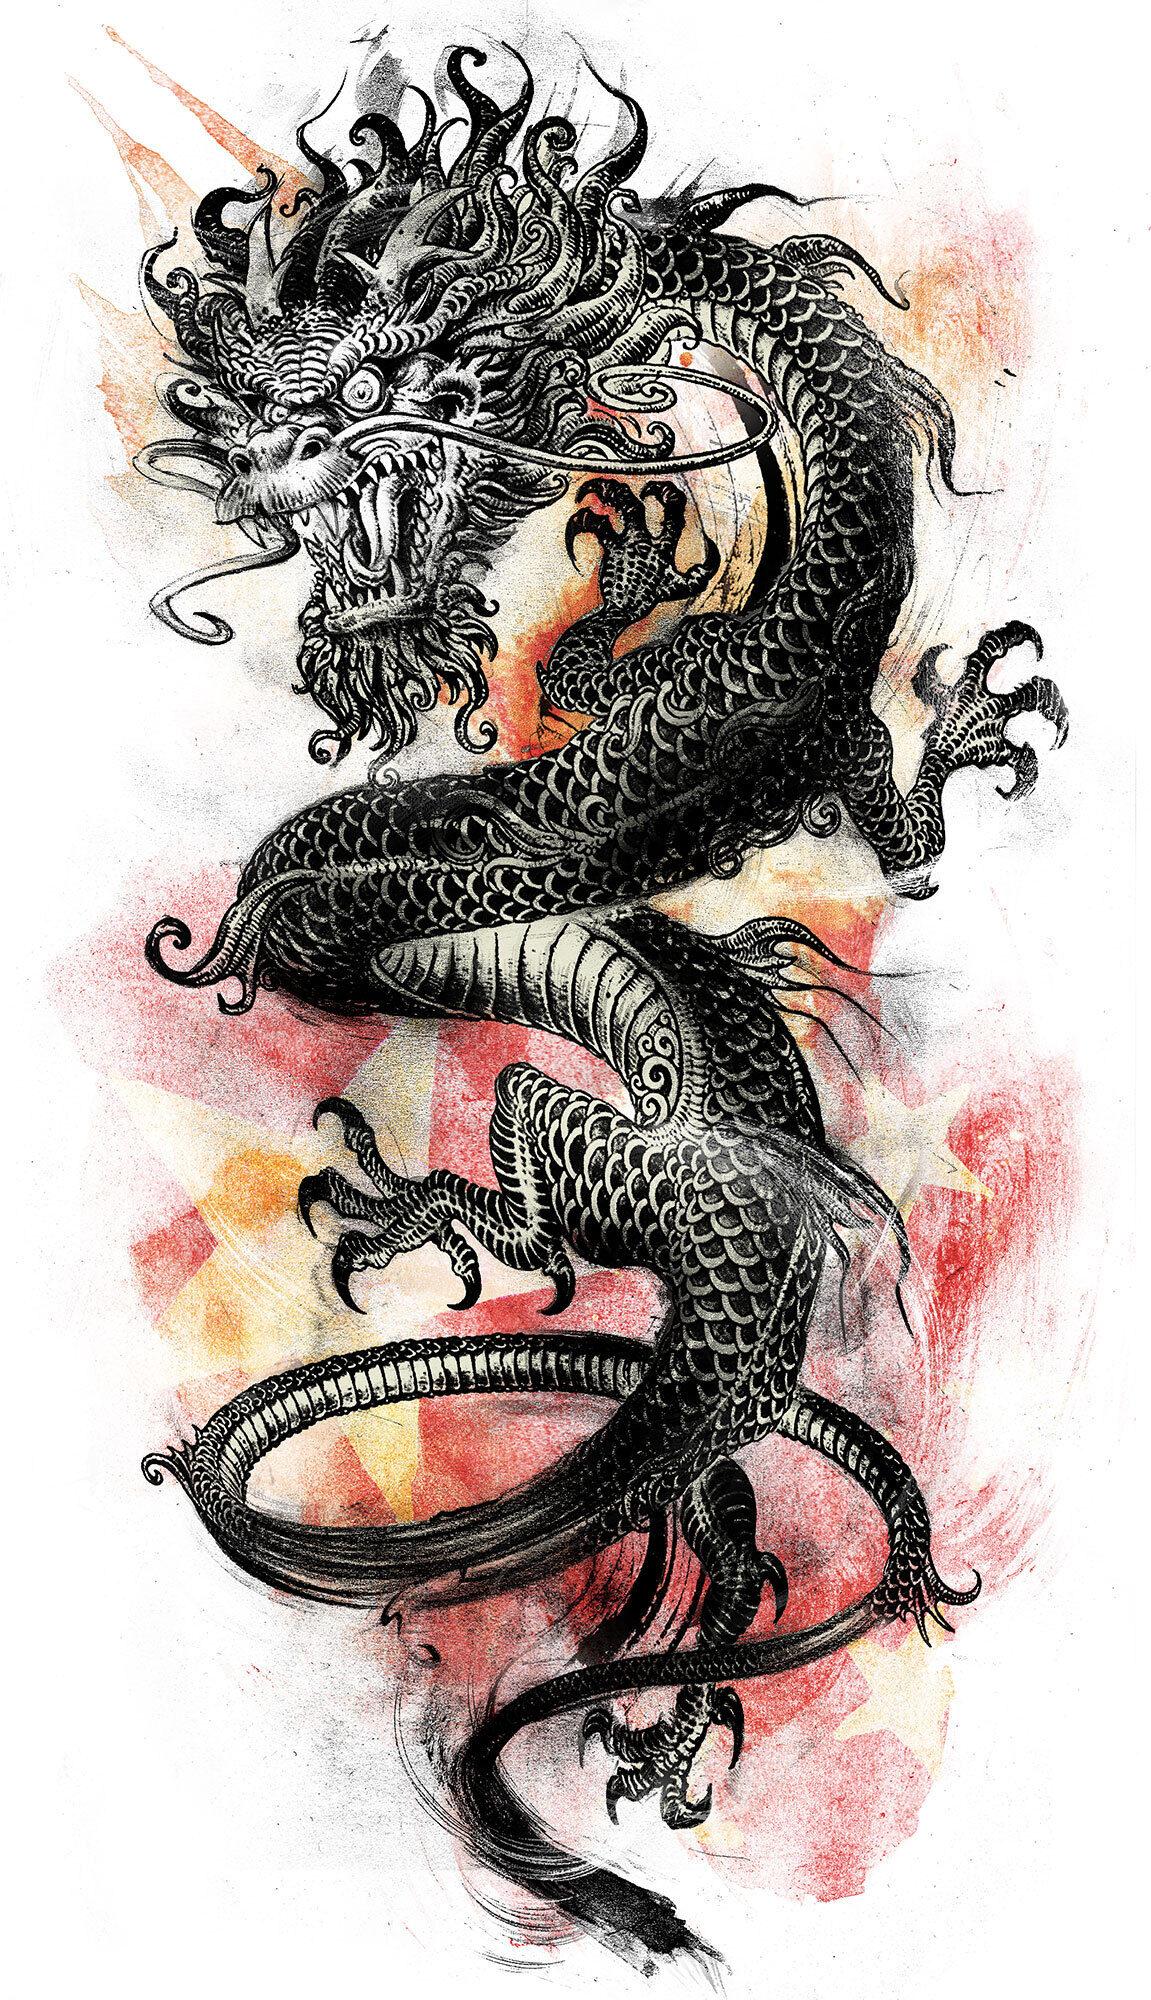 Chinese dragon - Kornel Illustration | Kornel Stadler portfolio